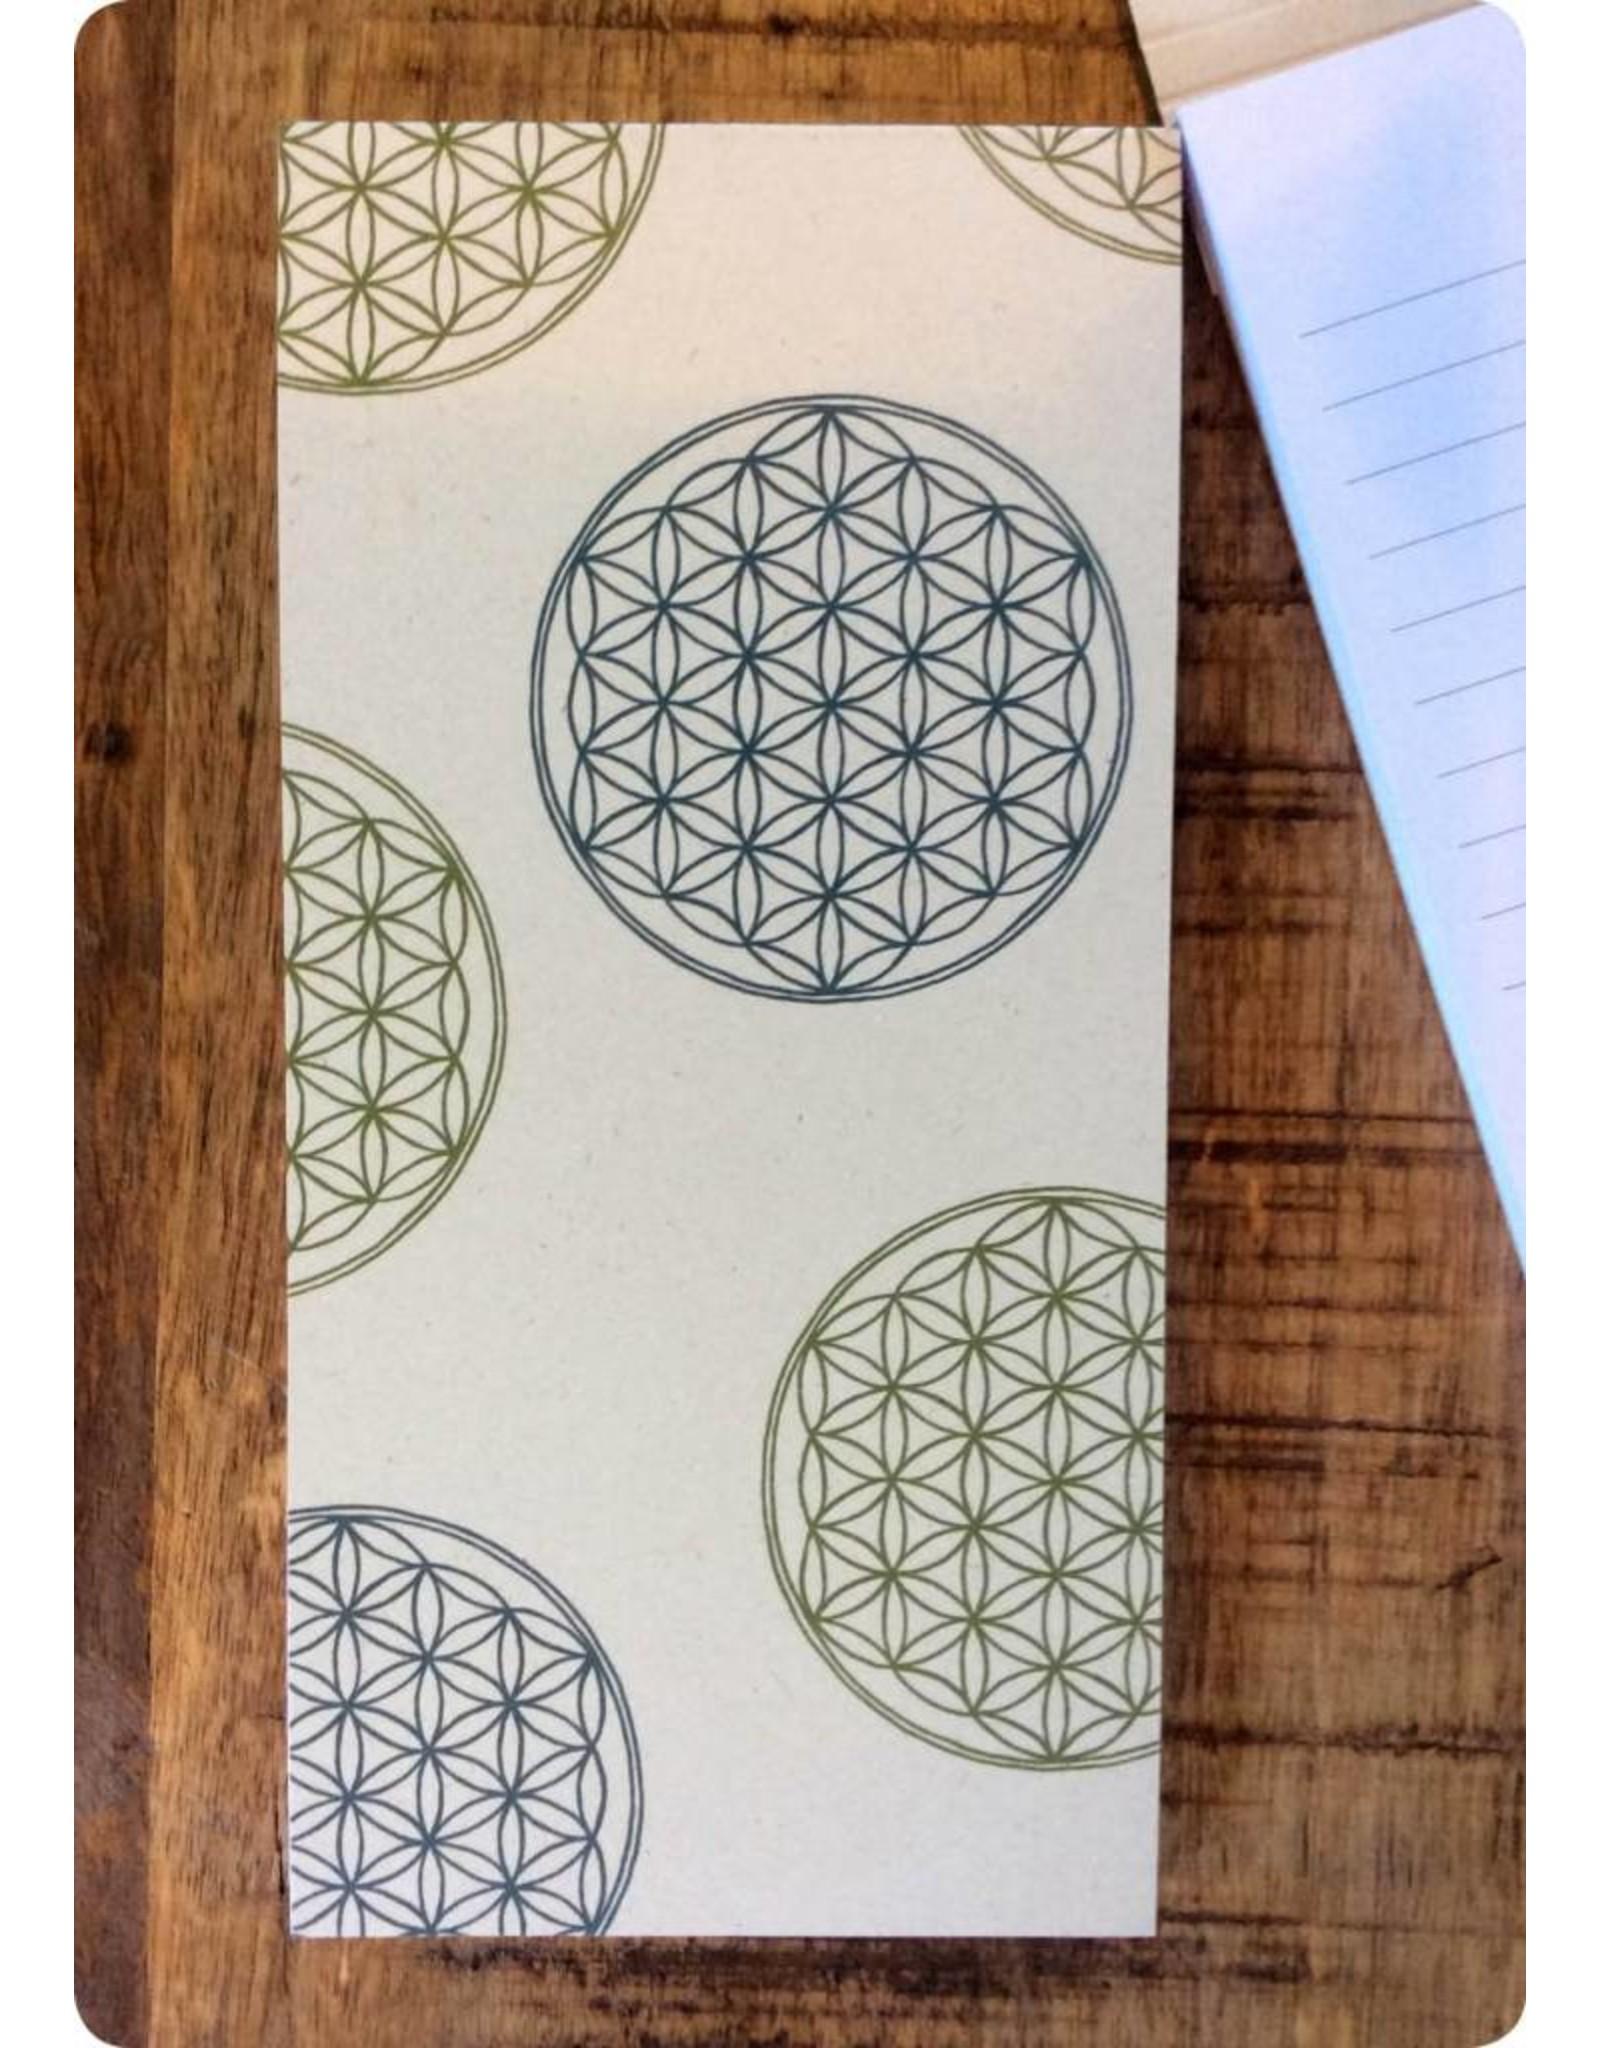 ZintenZ Notebook Flower of Life